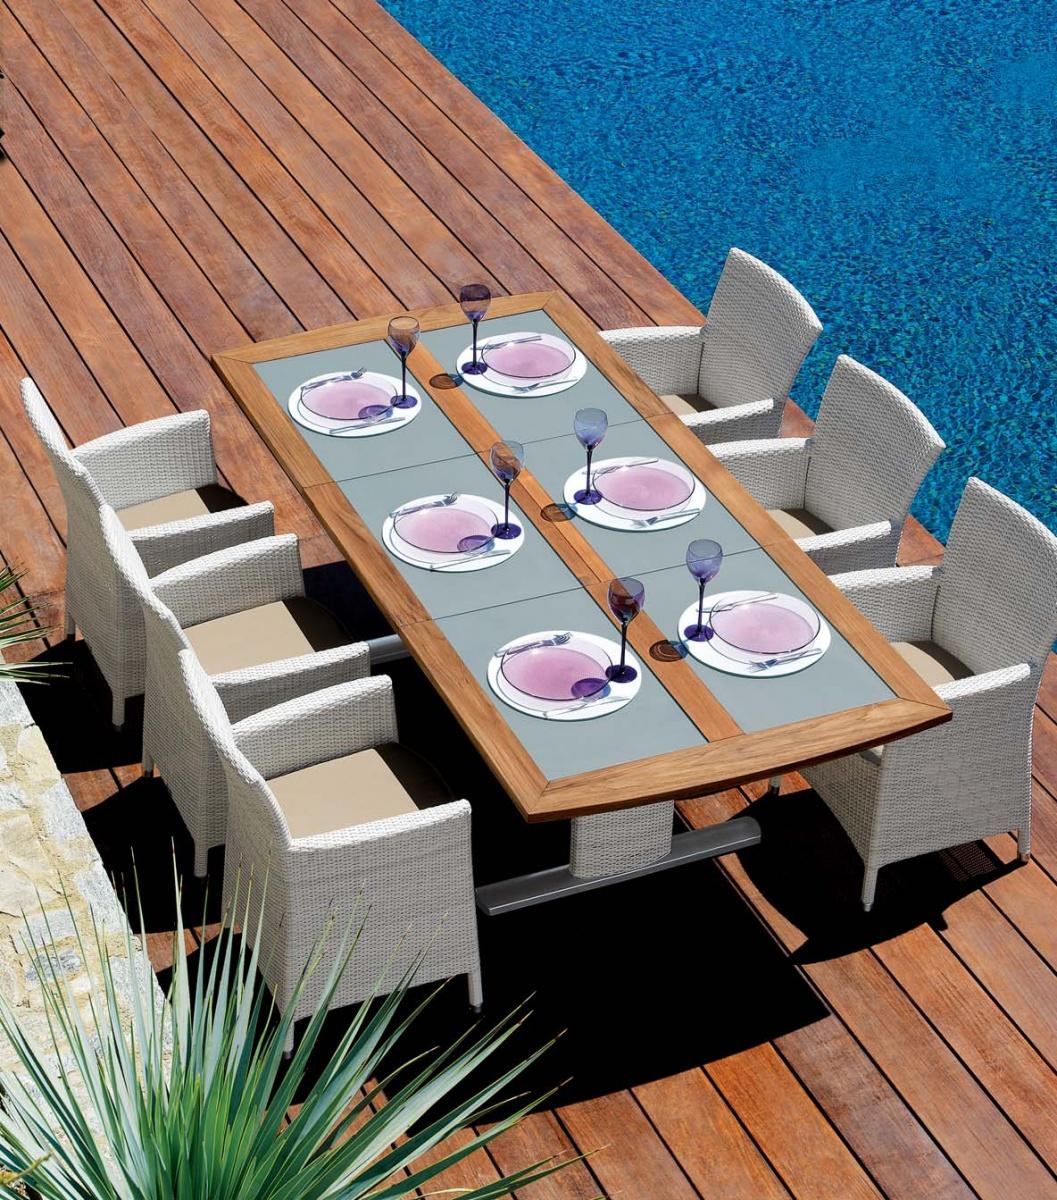 mobilier exterieur vlaemynck. Black Bedroom Furniture Sets. Home Design Ideas